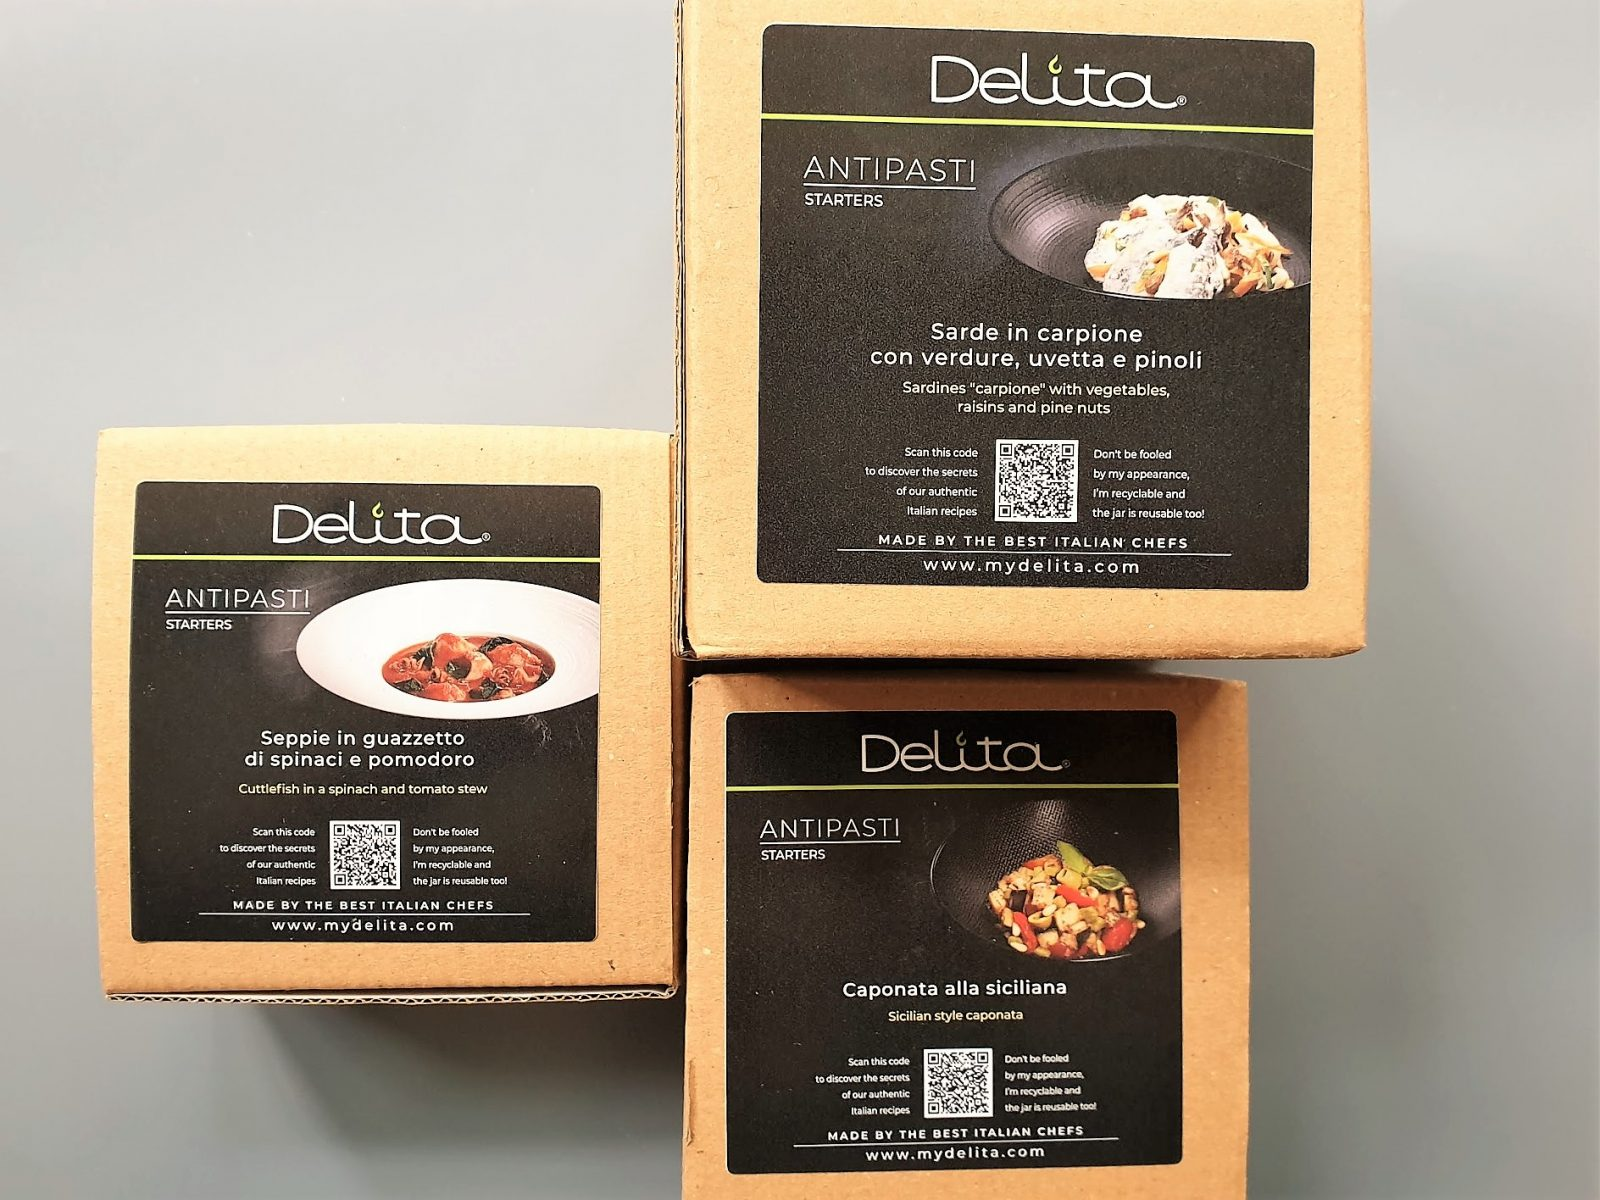 Delita packaging